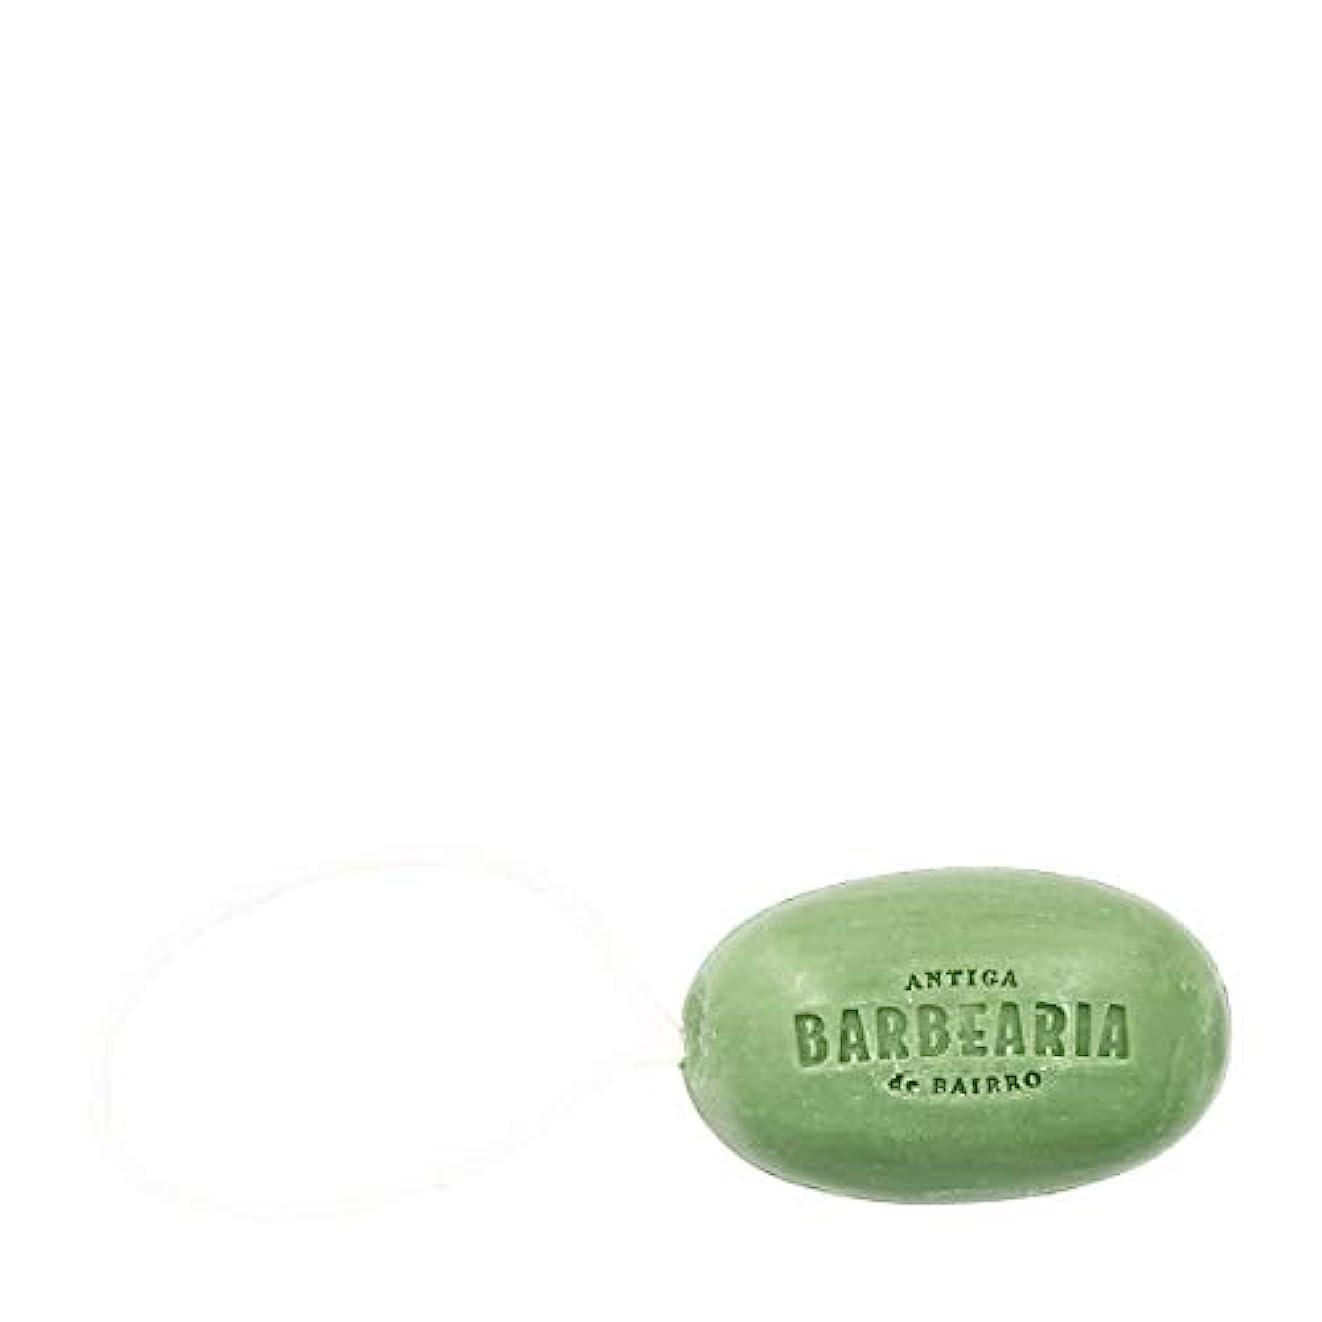 アンティガ?バーベリア(Antiga Barbearia de Bairro)プリンシペソープロープ350g[海外直送品] [並行輸入品]